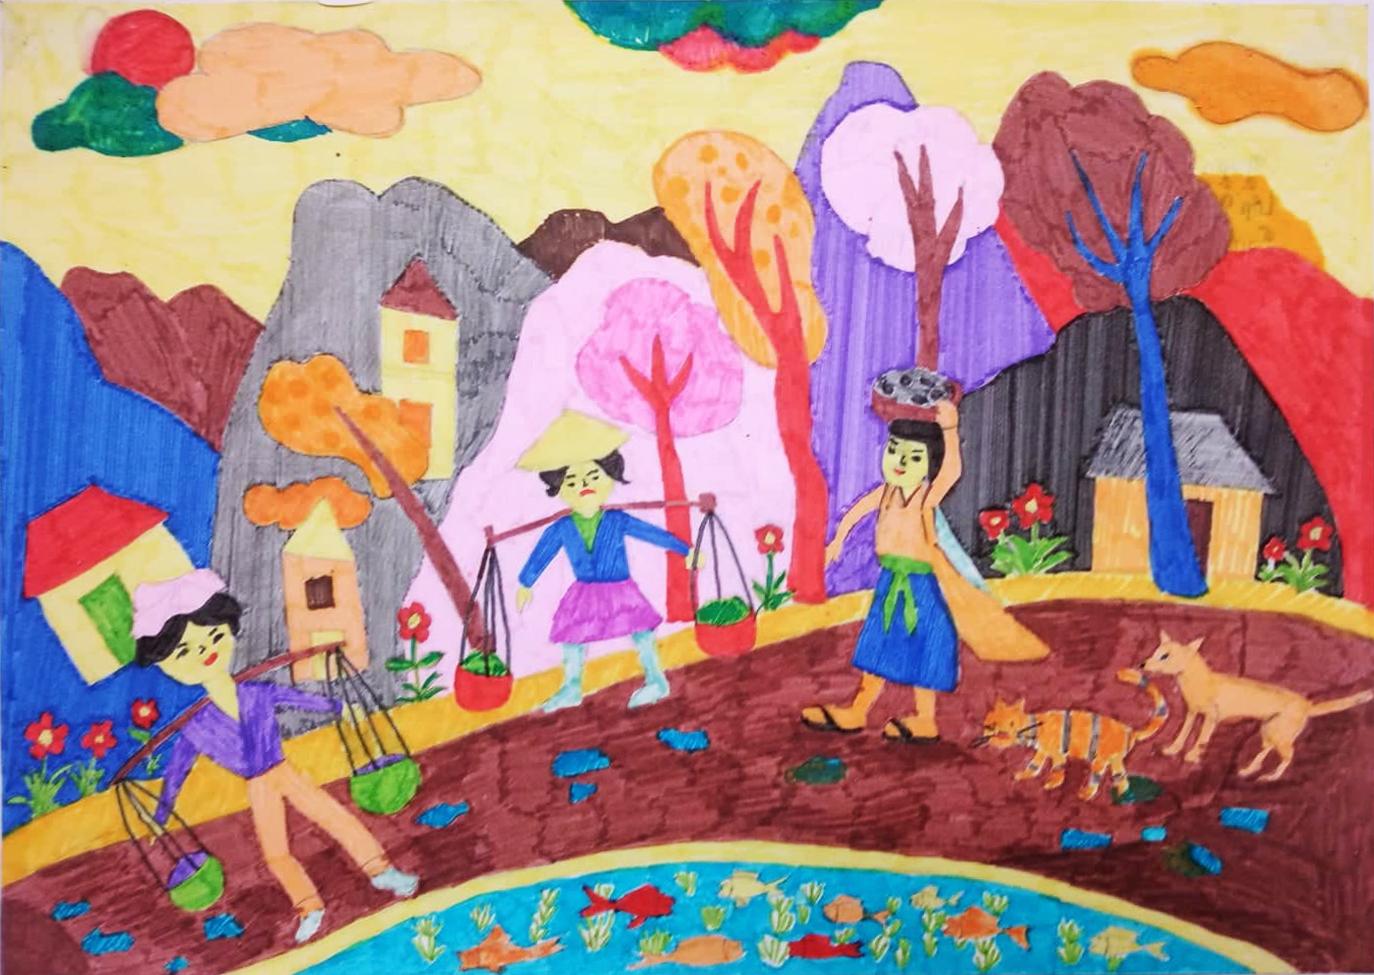 Chùm tác phẩm dự thi Viết - Vẽ tuổi học trò lần thứ XII